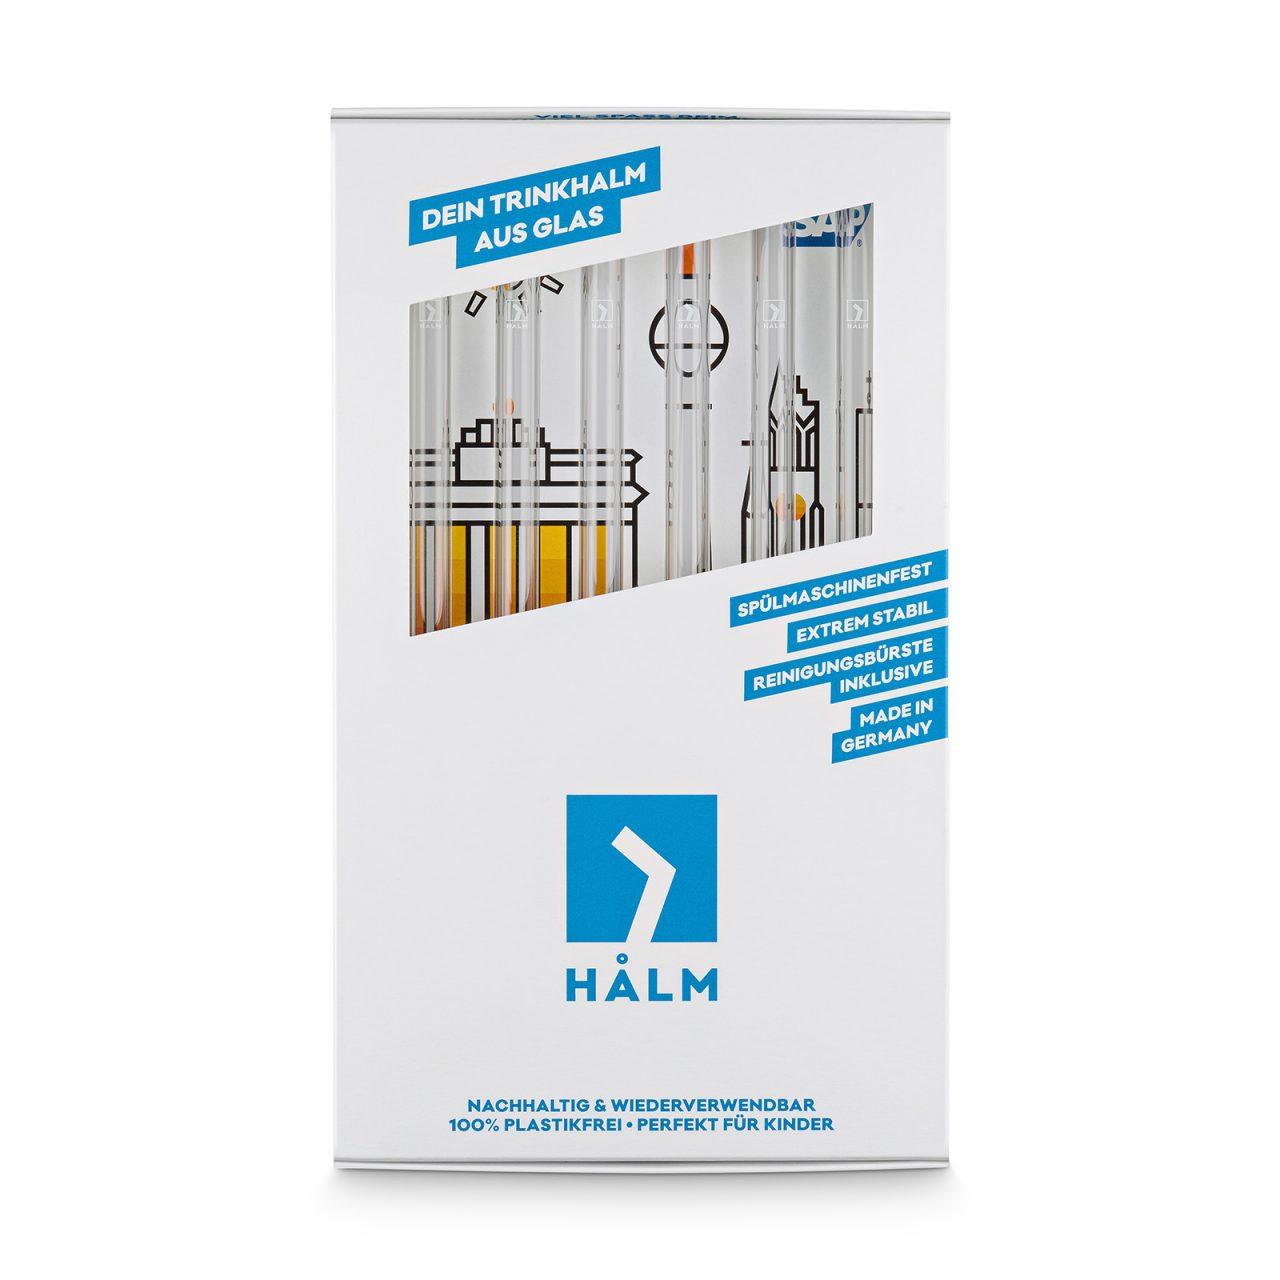 HALM-Glas-trinkhalm-inlay-beispiel-berlin-skyline-6er-set-mit-halm-logo-frontal